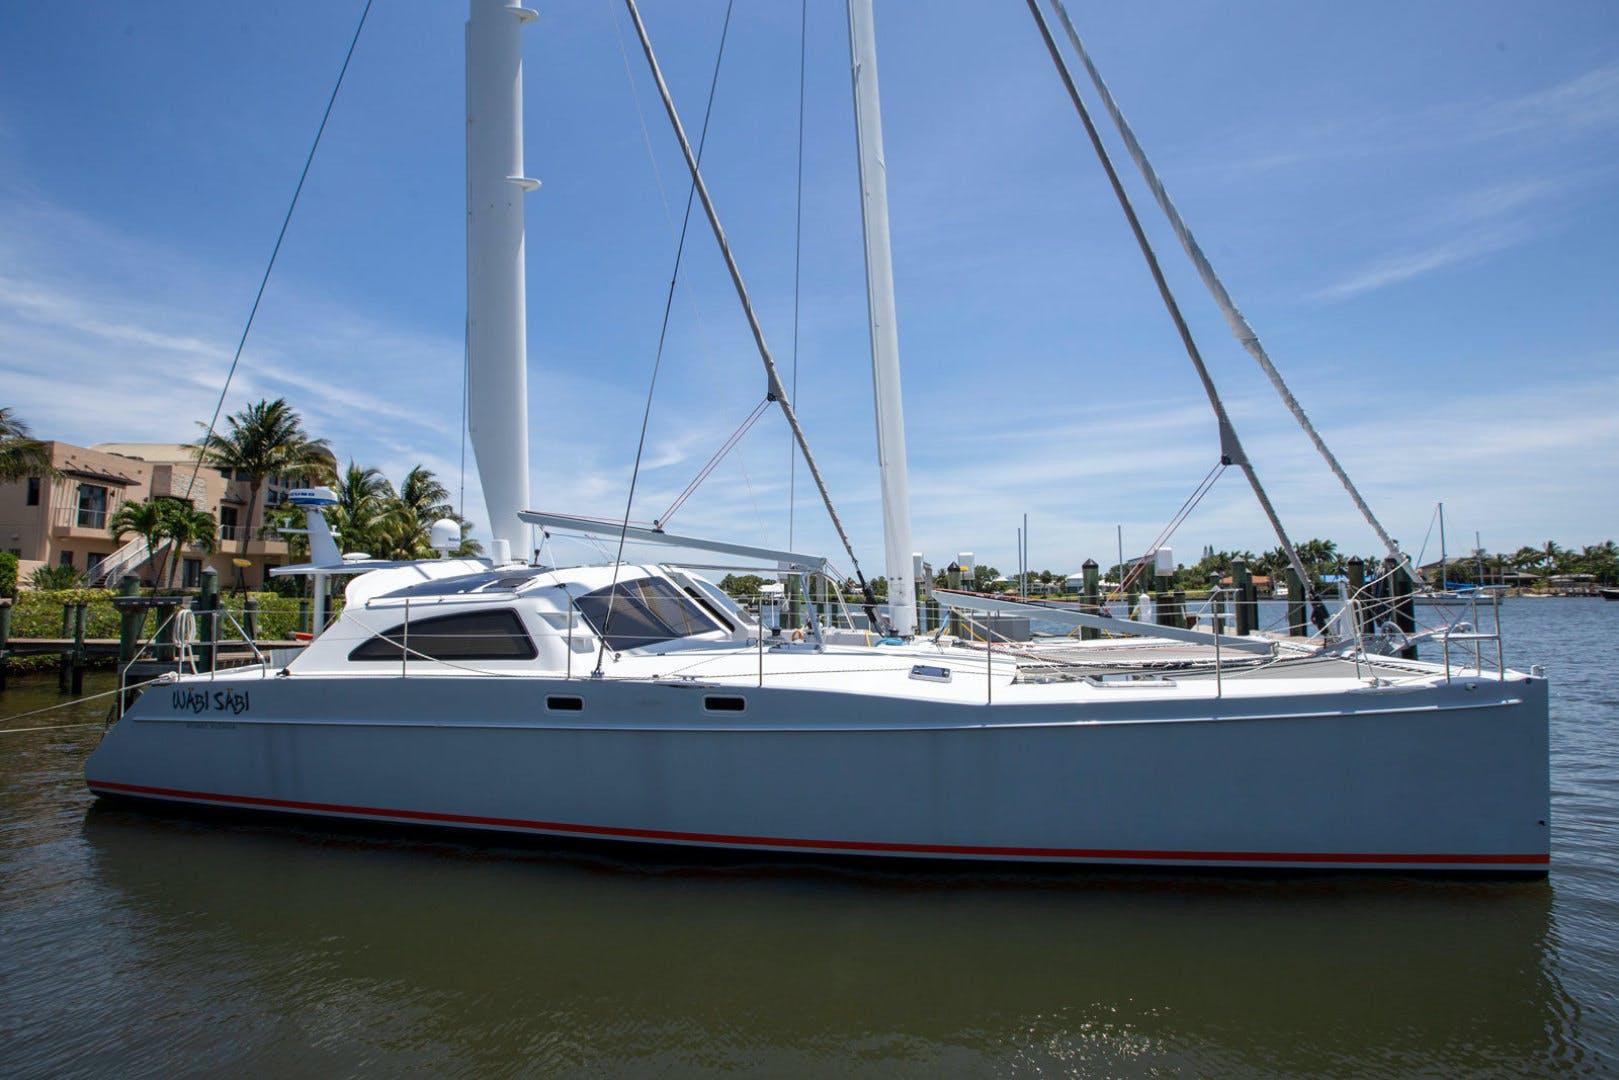 2018 Atlantic 49' 49 Catamaran Wabi Sabi | Picture 1 of 55